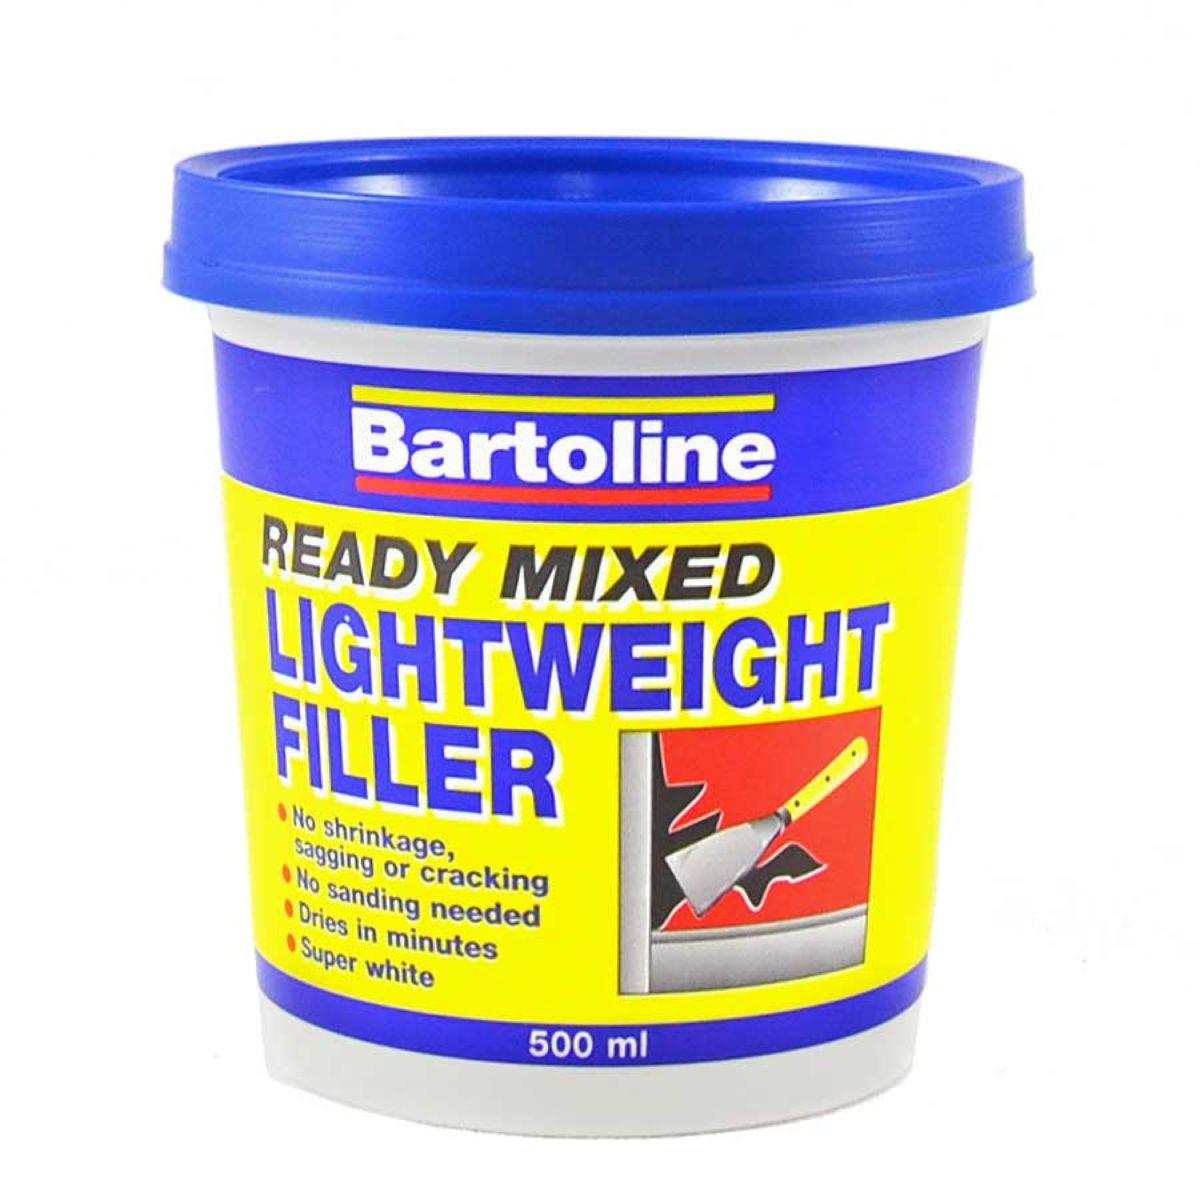 Bartoline 500ml Lightweight Filler - White